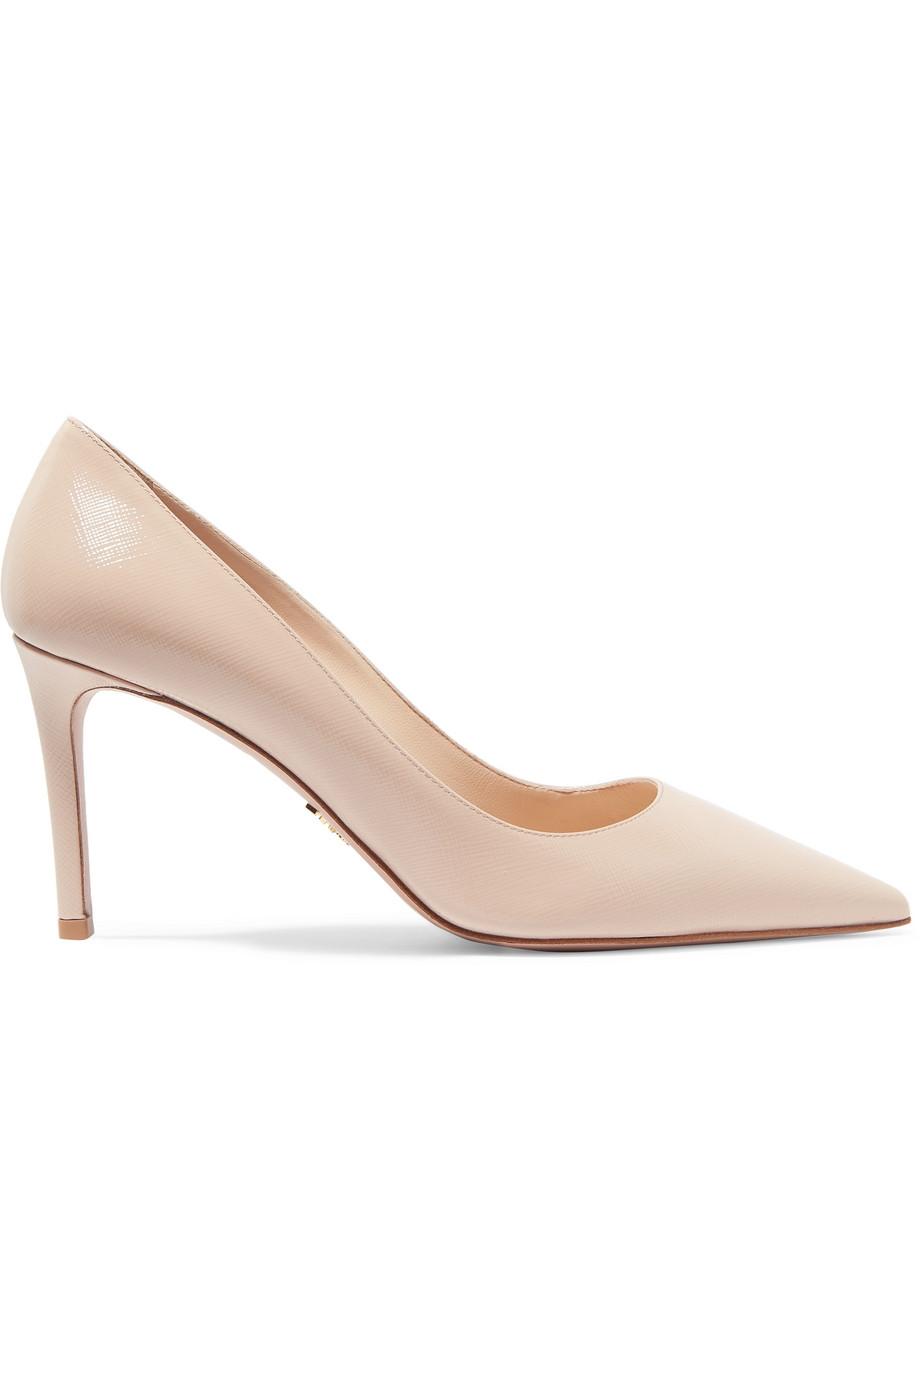 حذاء نيود بتصميم مميز من Prada